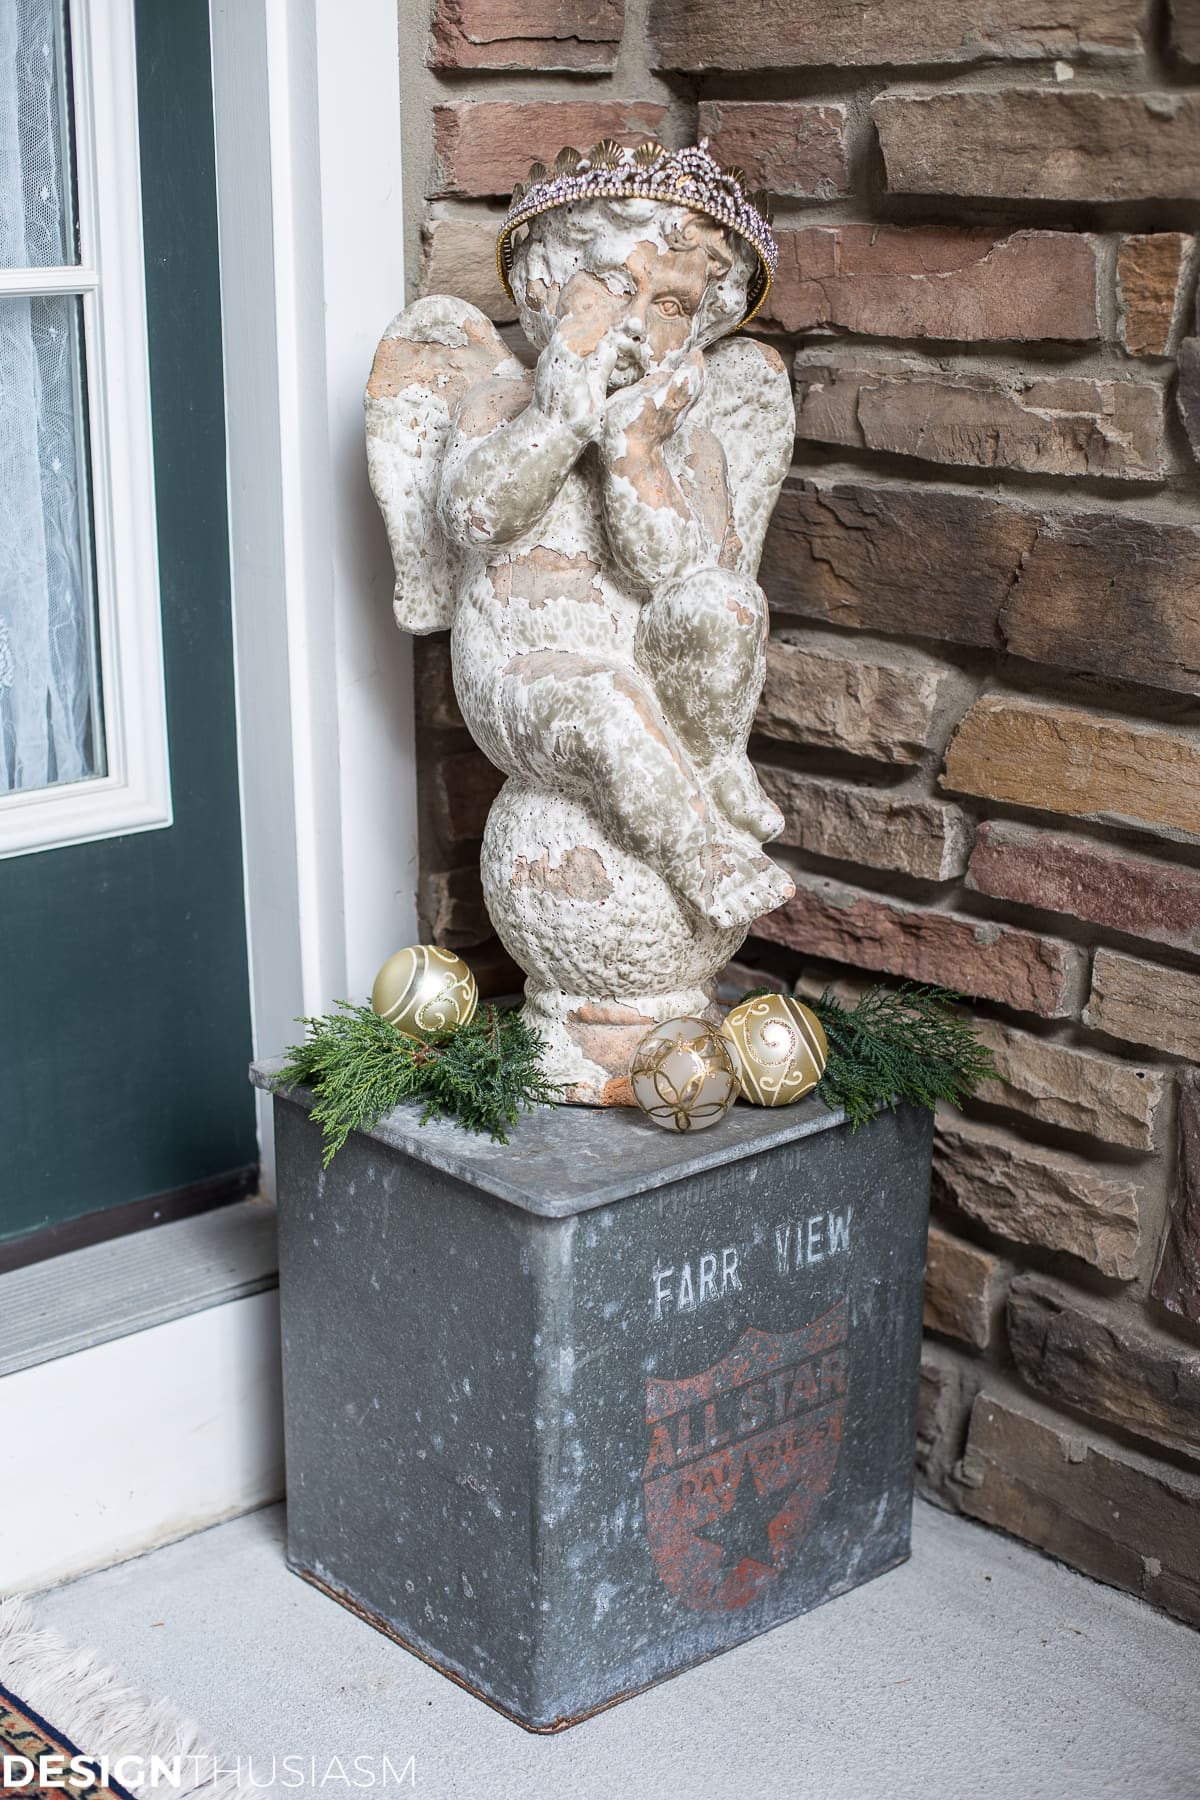 Easy Outdoor Christmas Decorating Ideas for a Tiny Front Porch - designthusiasm.com